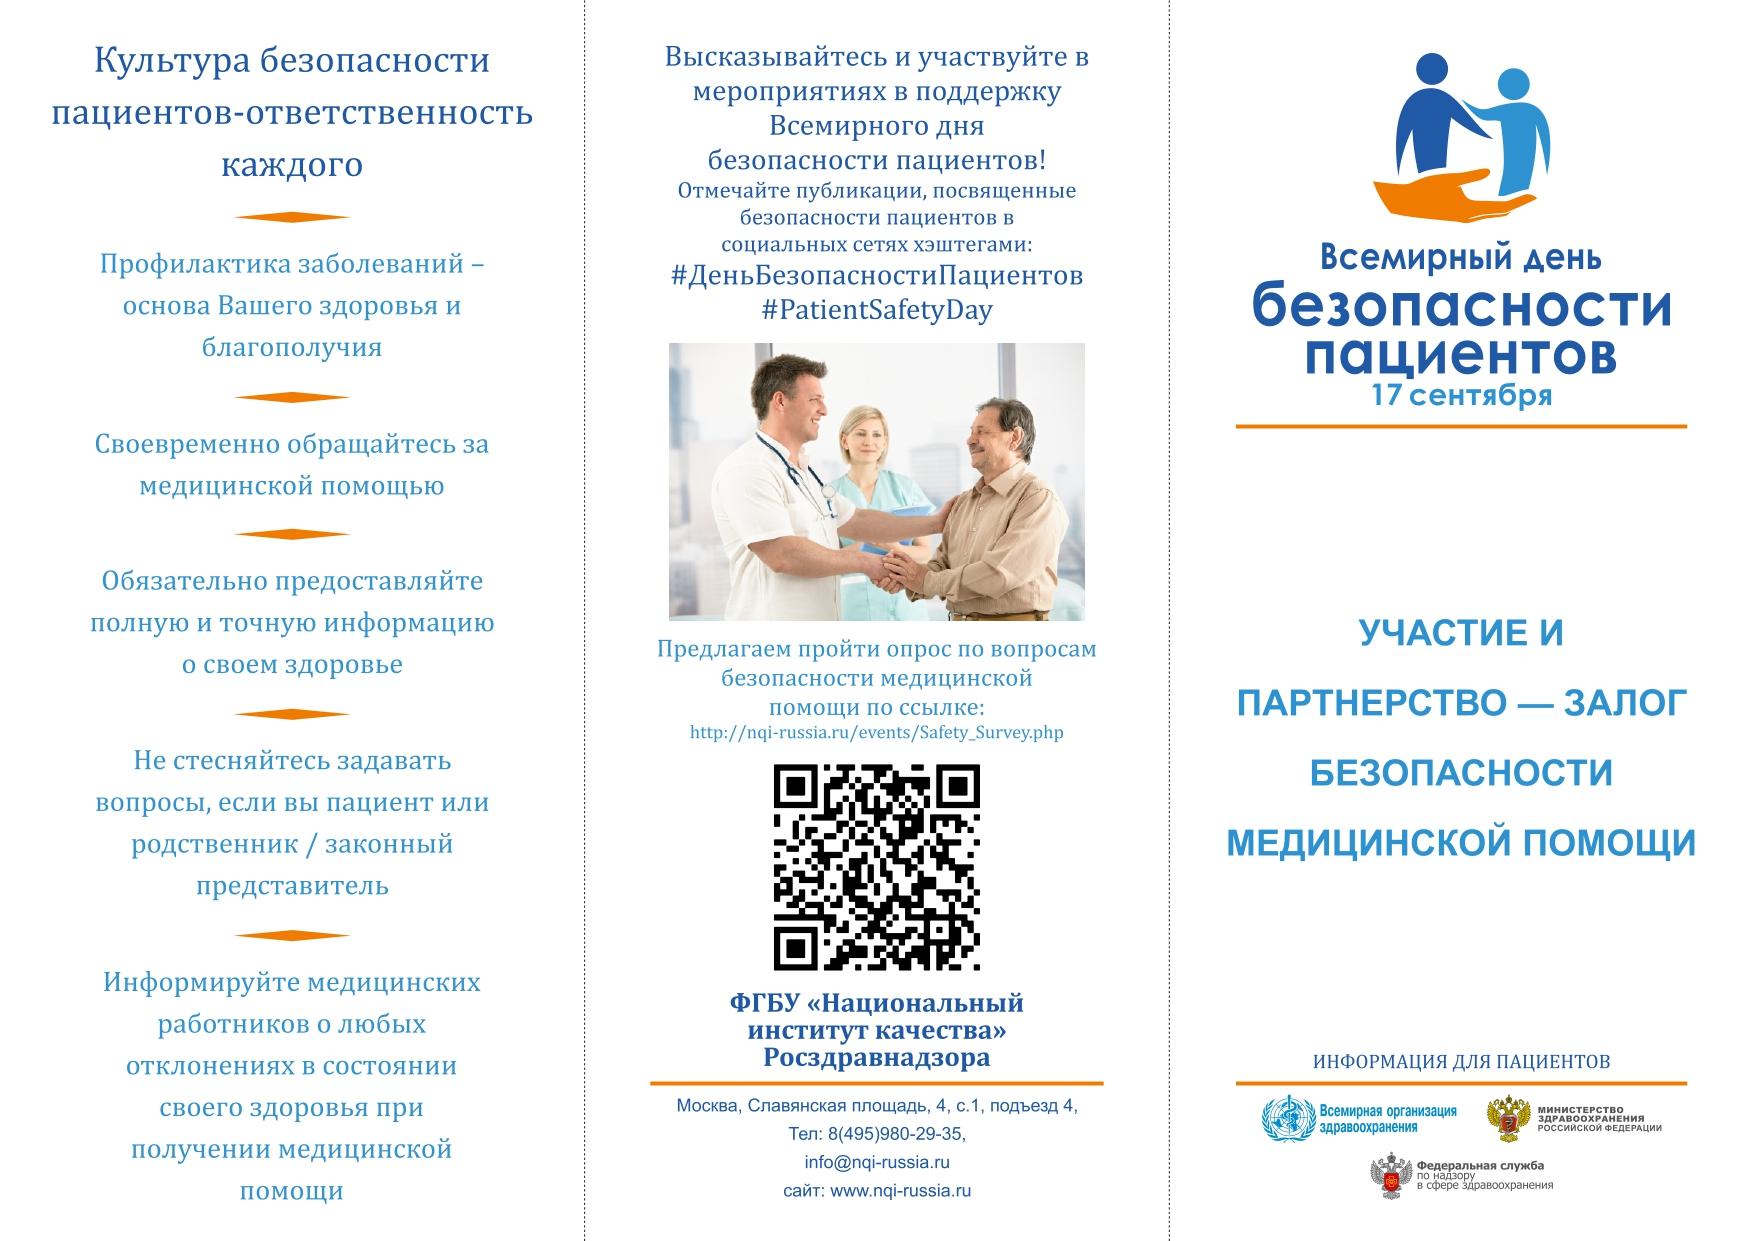 17 сентября 2 Всемирный день безопасности пациента